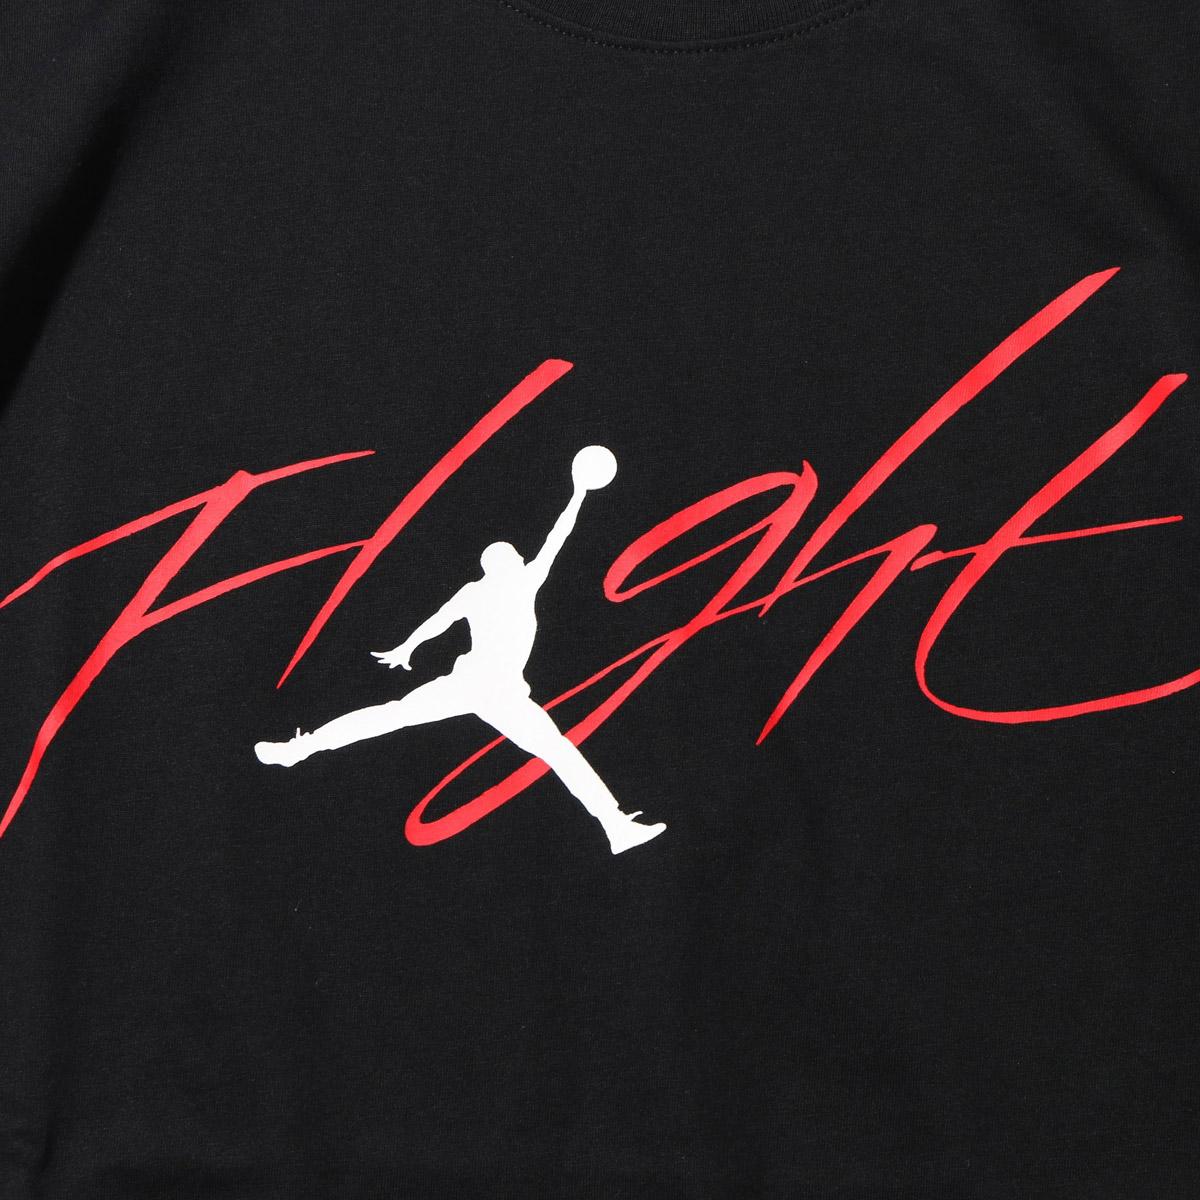 NIKE M JSW TEE BRAND 4 Jordan Flight GFX S T Shirt BLACK UNIVERSITY RED WHITE 17FA I